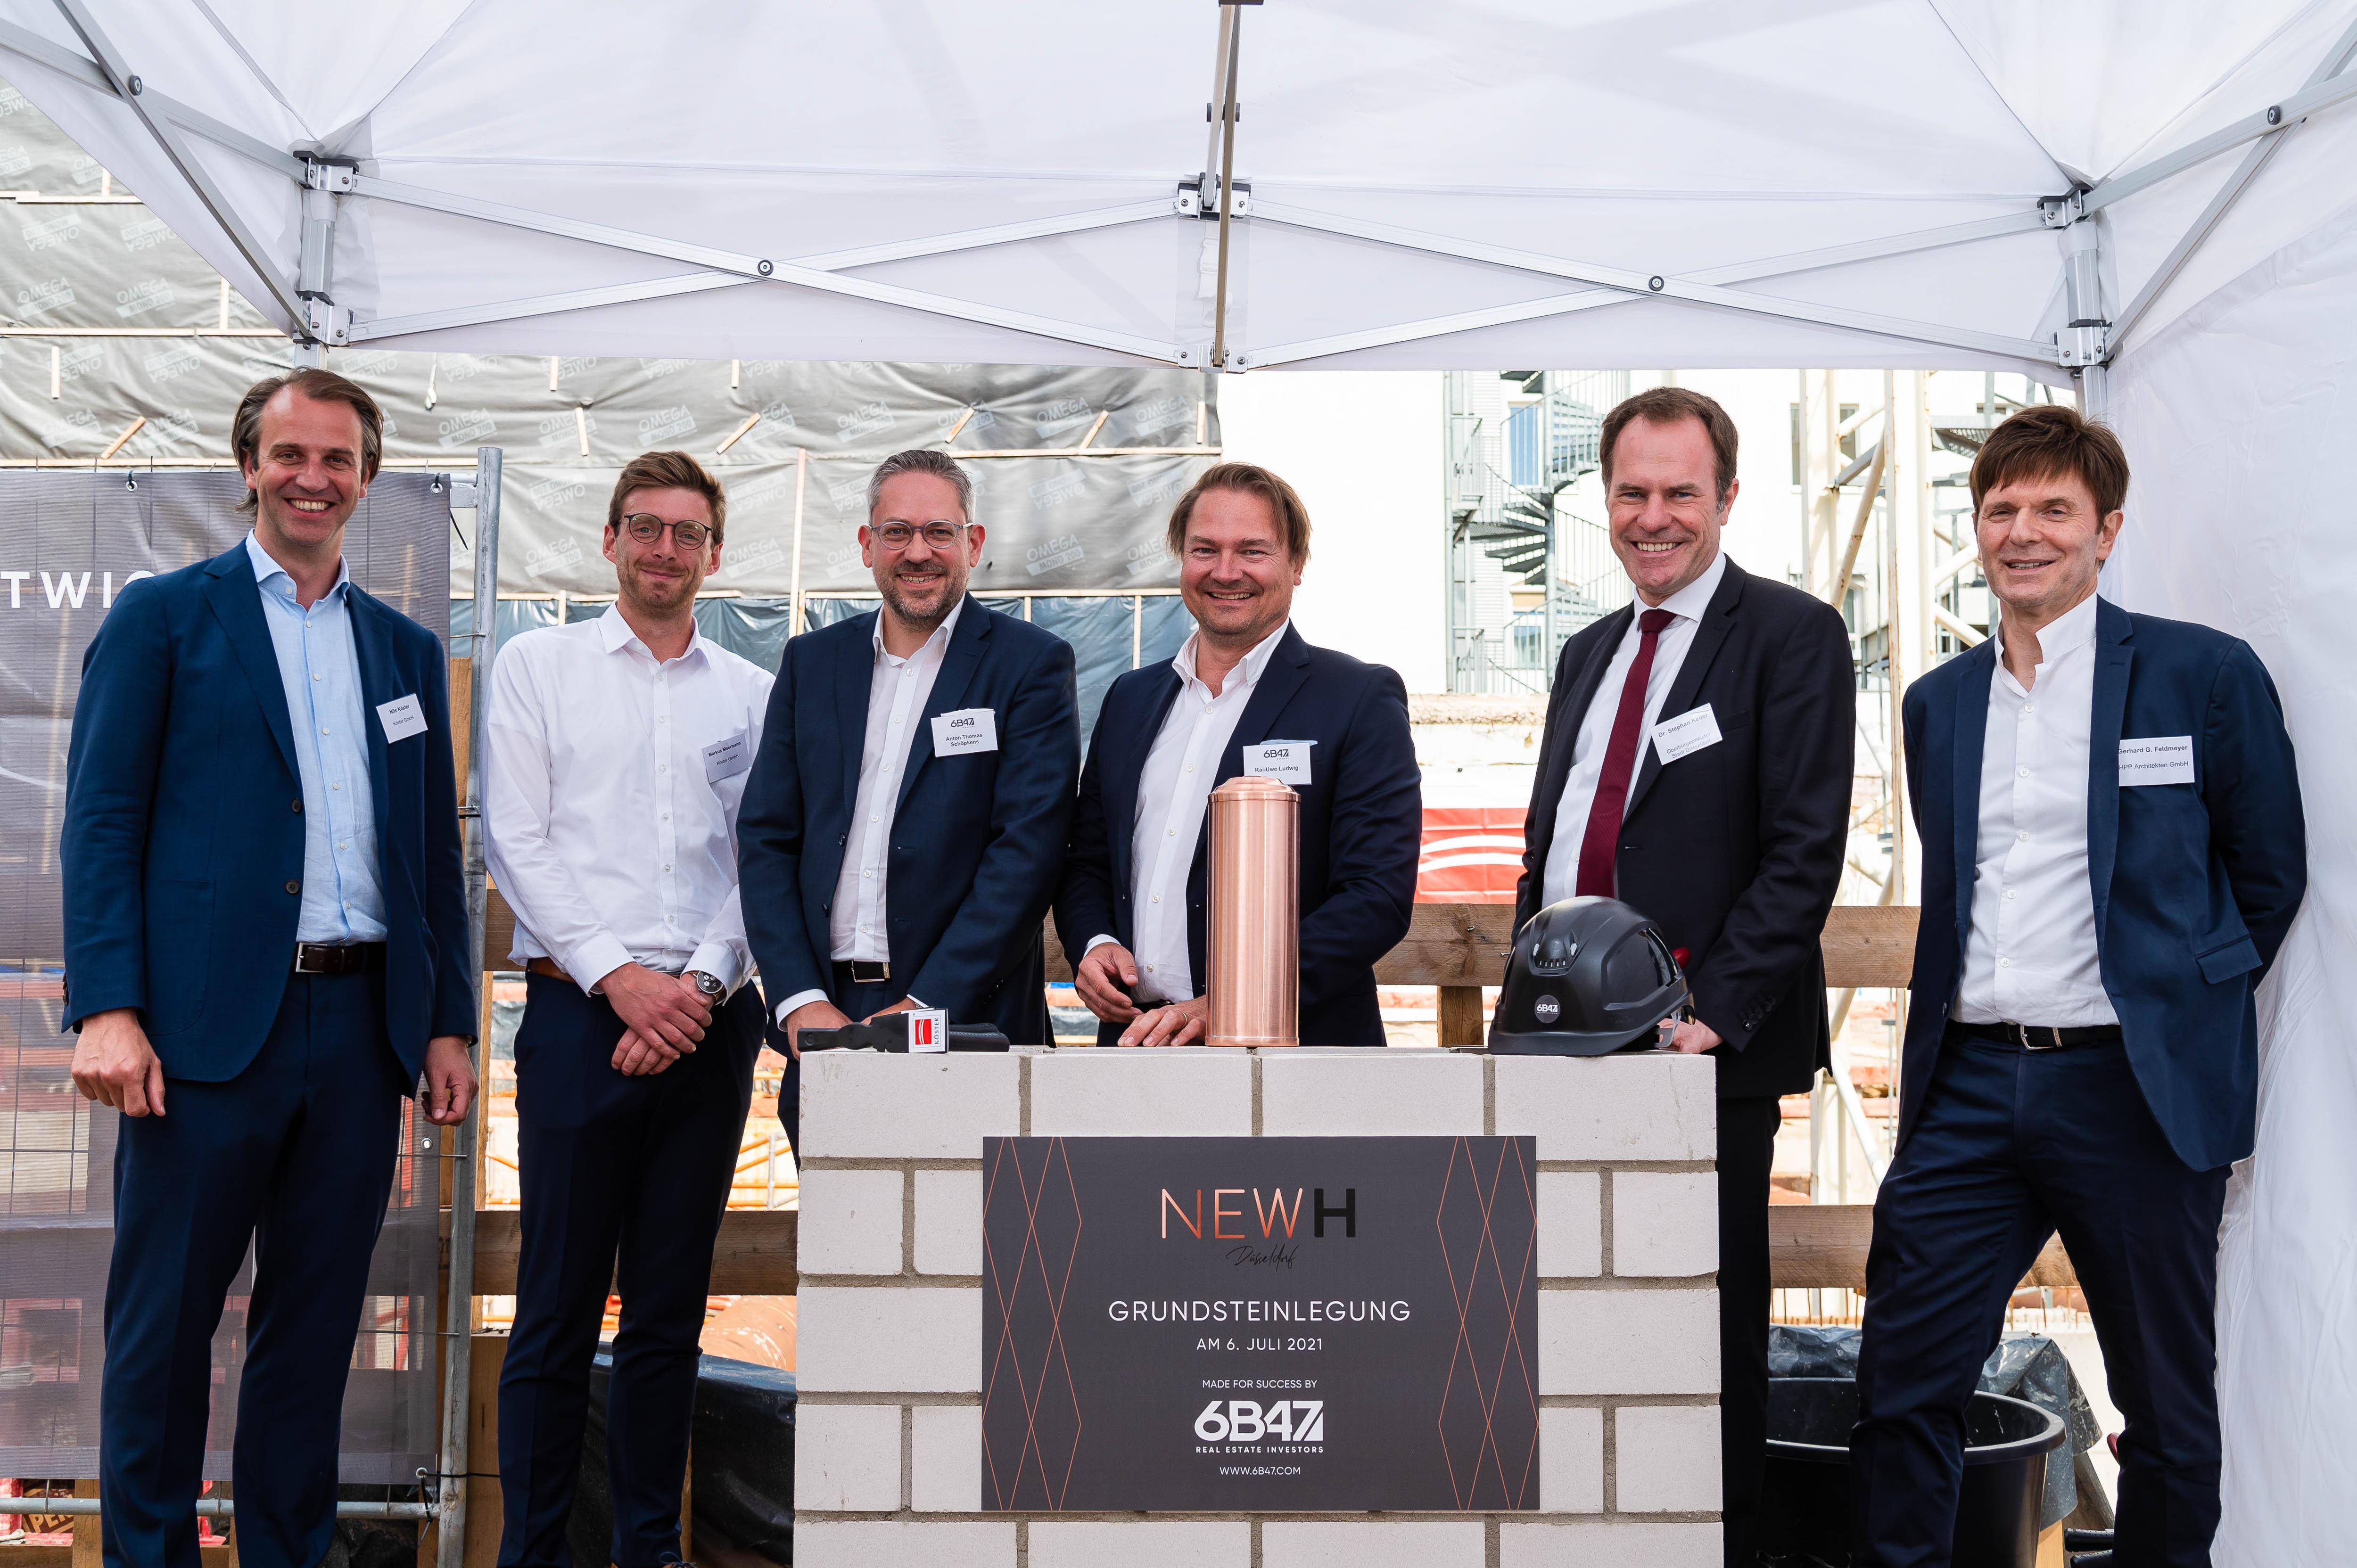 """6B47: Grundsteinlegung in Düsseldorf – Büro- und Geschäftshaus """"New H"""" wird neuer Nachbar der Deutschen Oper am Rhein"""